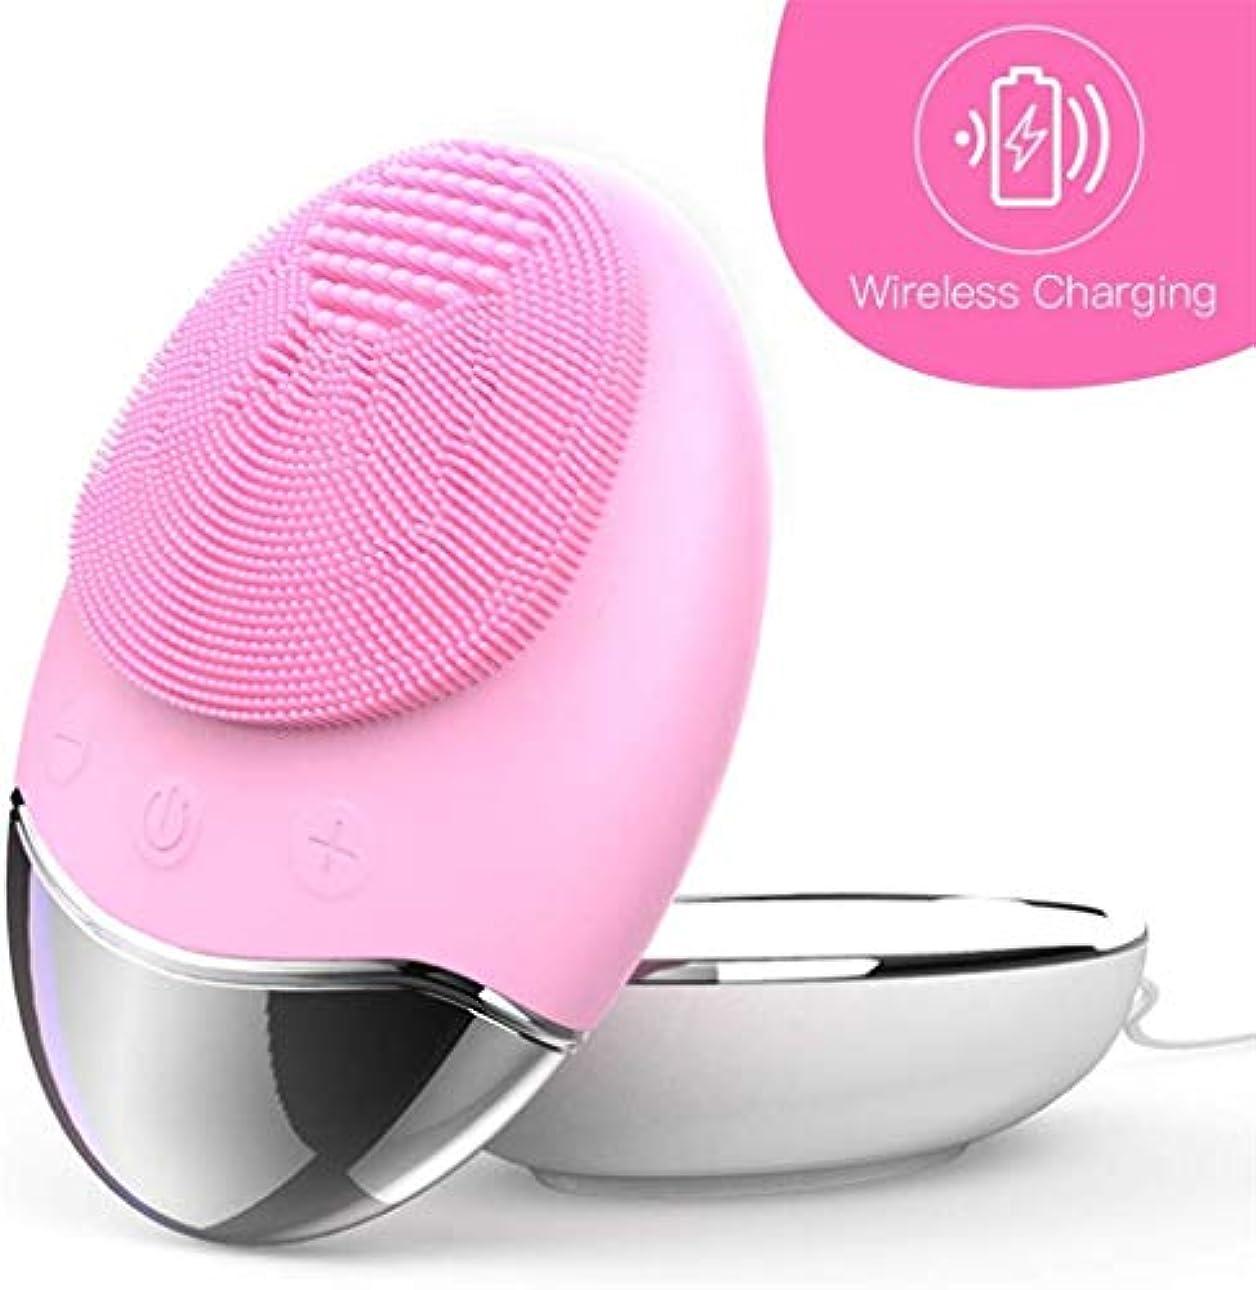 飼いならすライン感心するオールスキンタイプの充電式用シリコーン洗顔ブラシ、ブラシシリコーンエクスフォリエイティングフェイススクラブブラシマッサージャー3-IN-1エレクトリックフェイス、